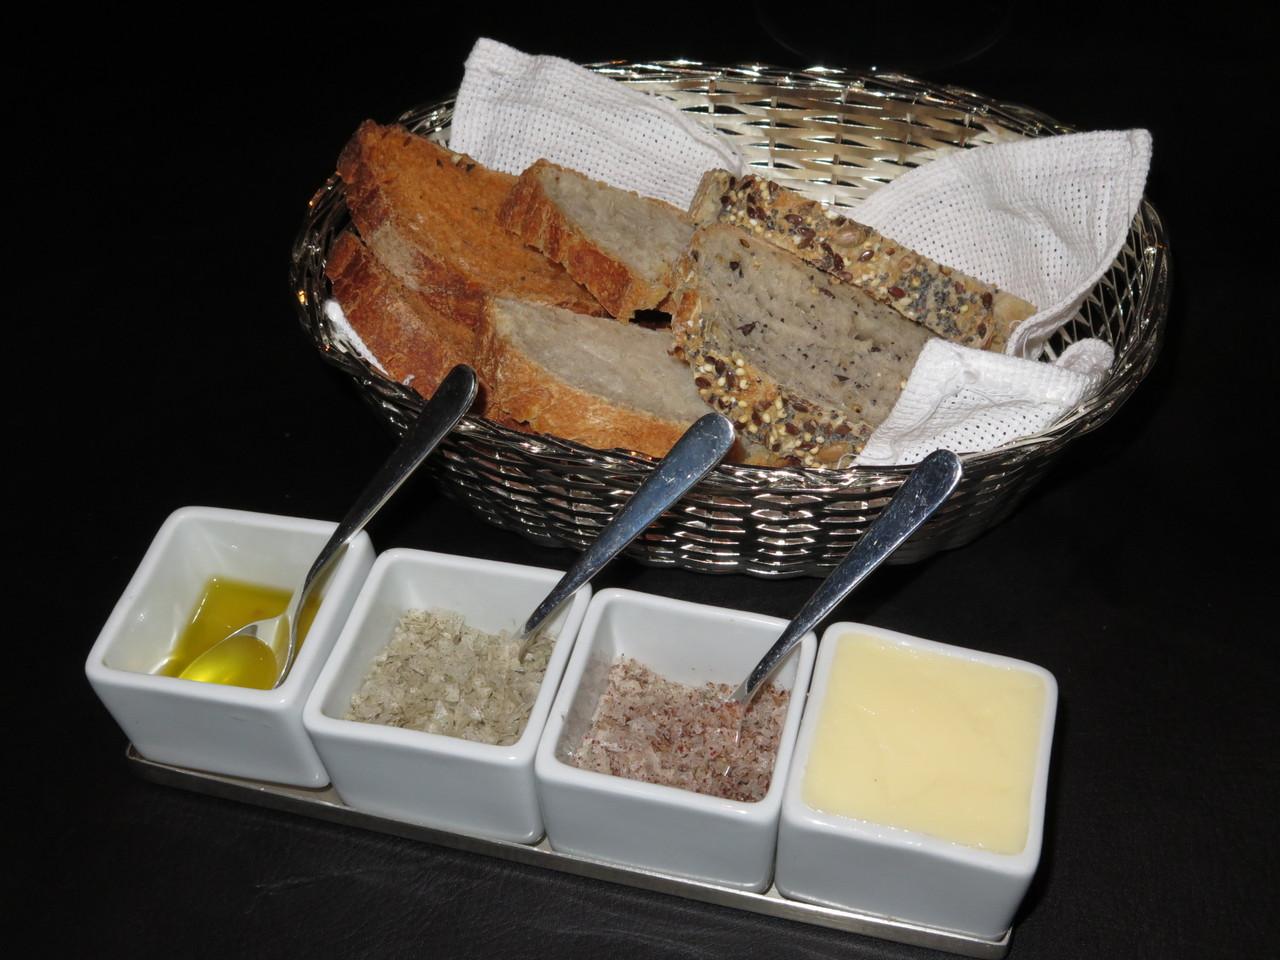 Pães, azeite, sal, manteiga